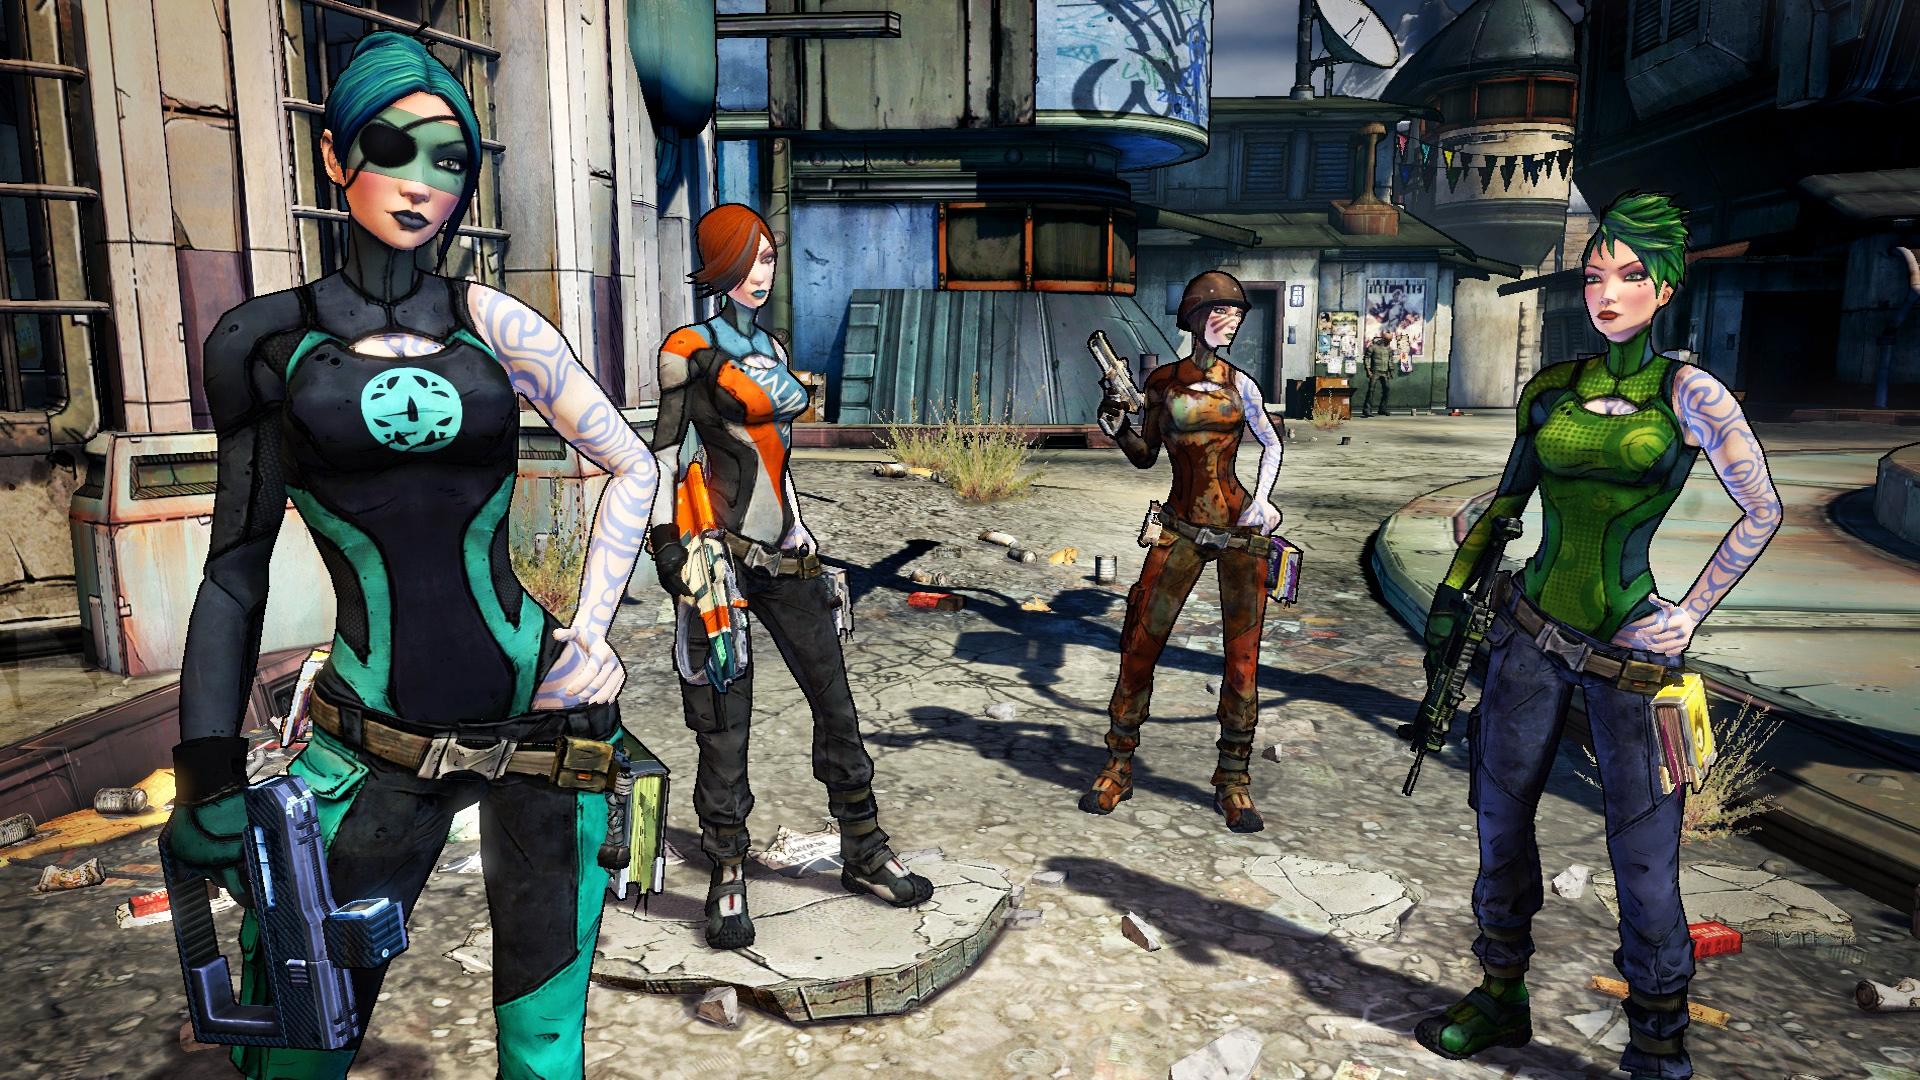 各キャラクターが持つ多彩な武器は、自動生成で生み出されたものだ